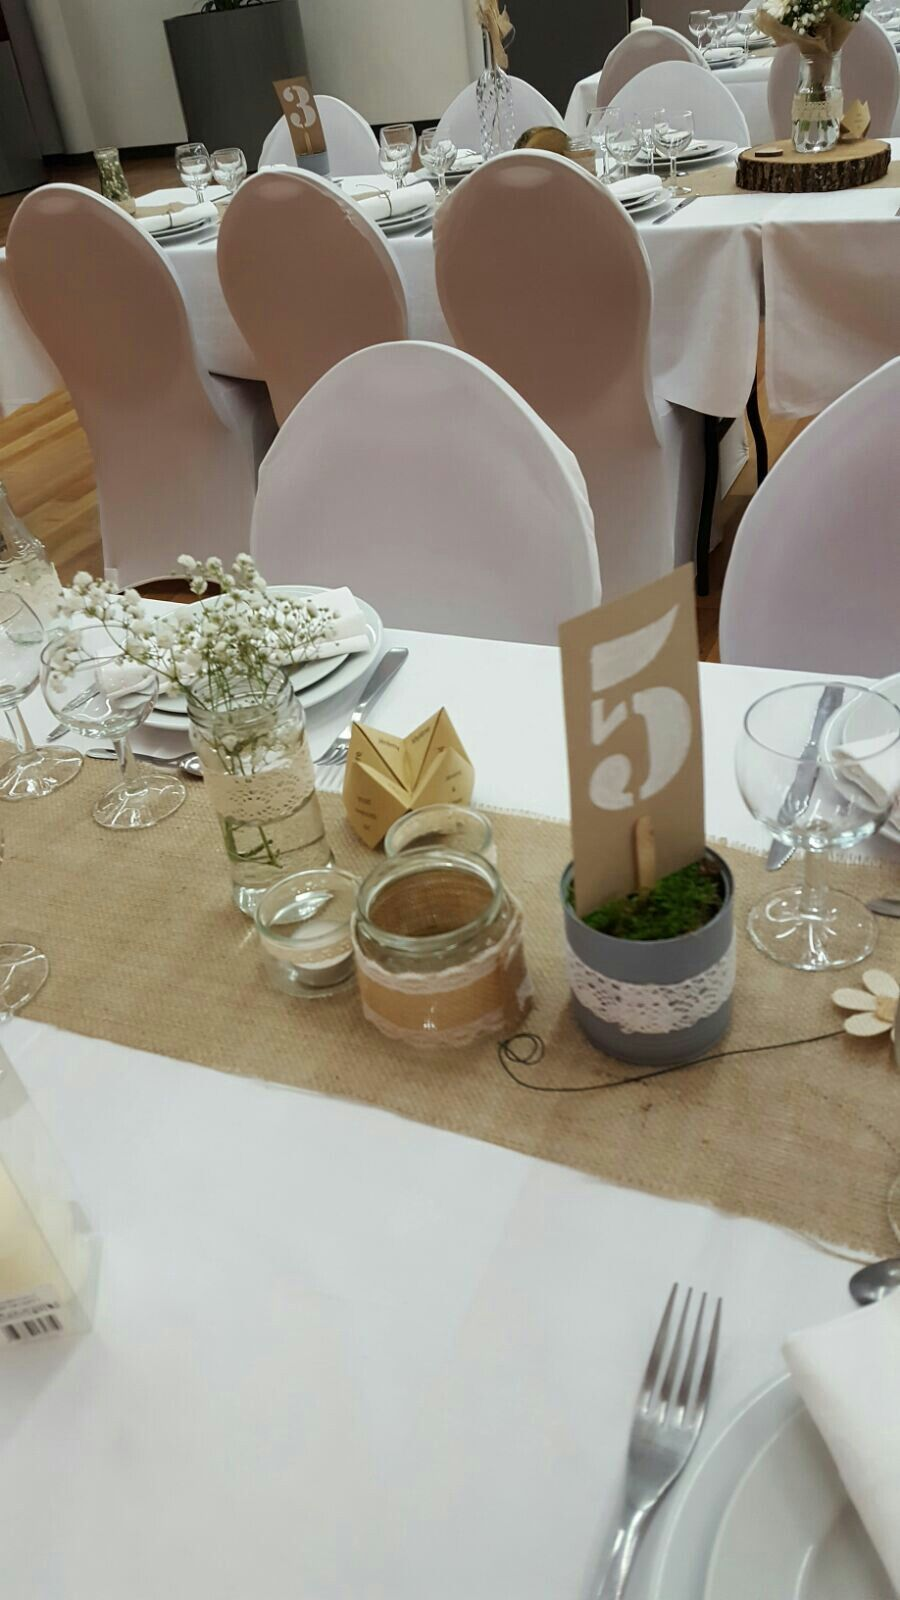 décoration mariage toile de jute dentelle numéro de table cocotte quizz mariés